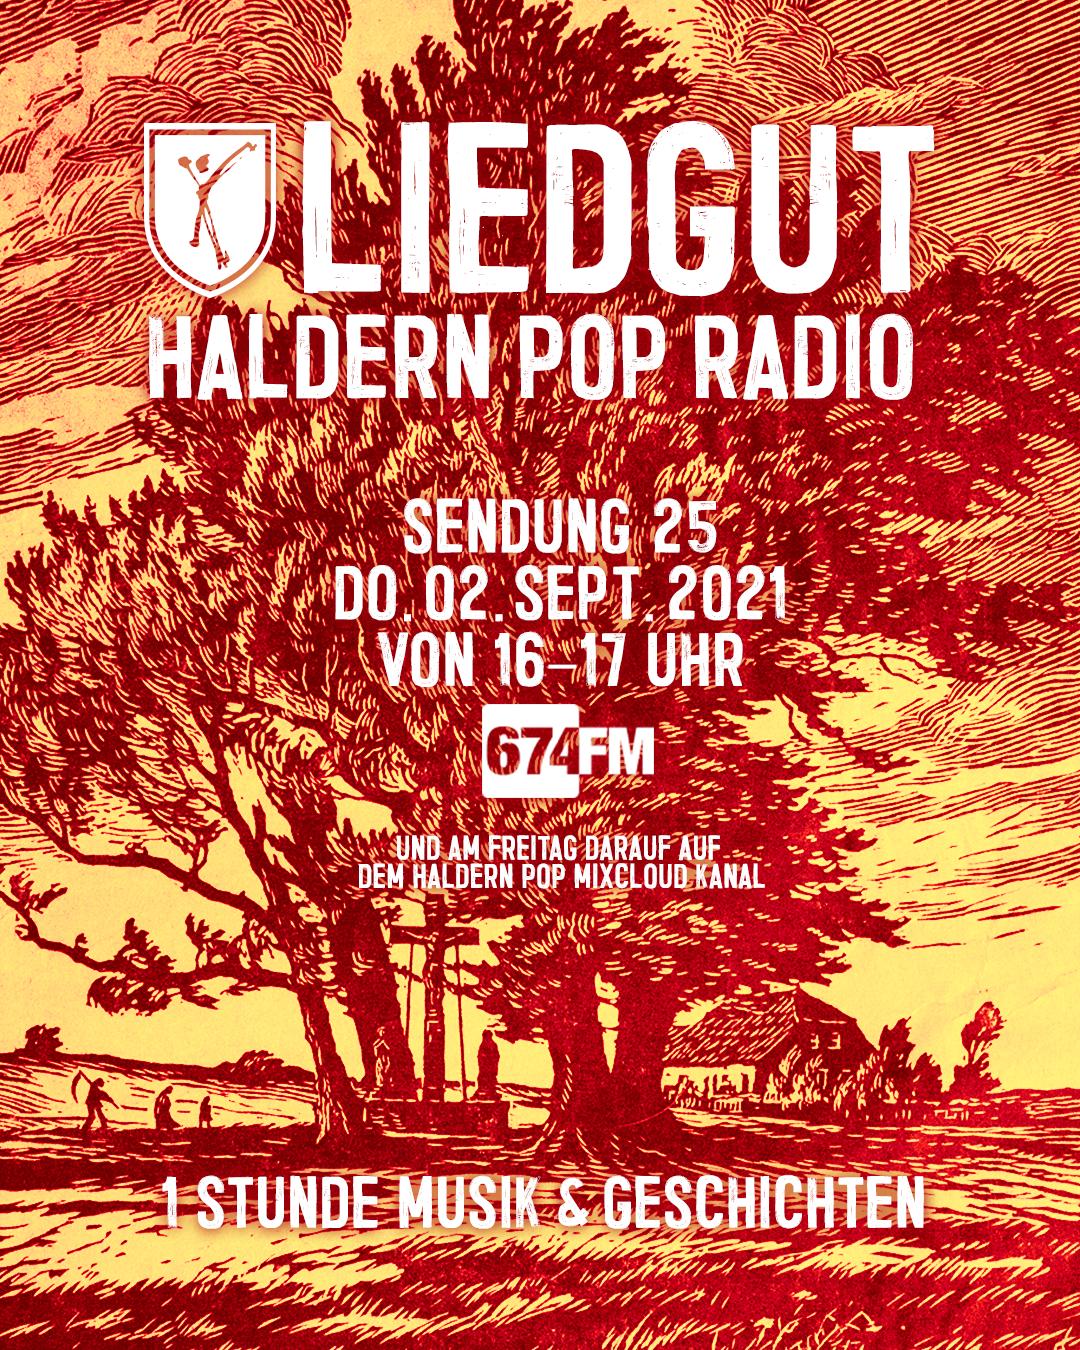 Liedgut Haldern Pop Radio 674FM Teil 25 02.09.2021 16:00 Uhr